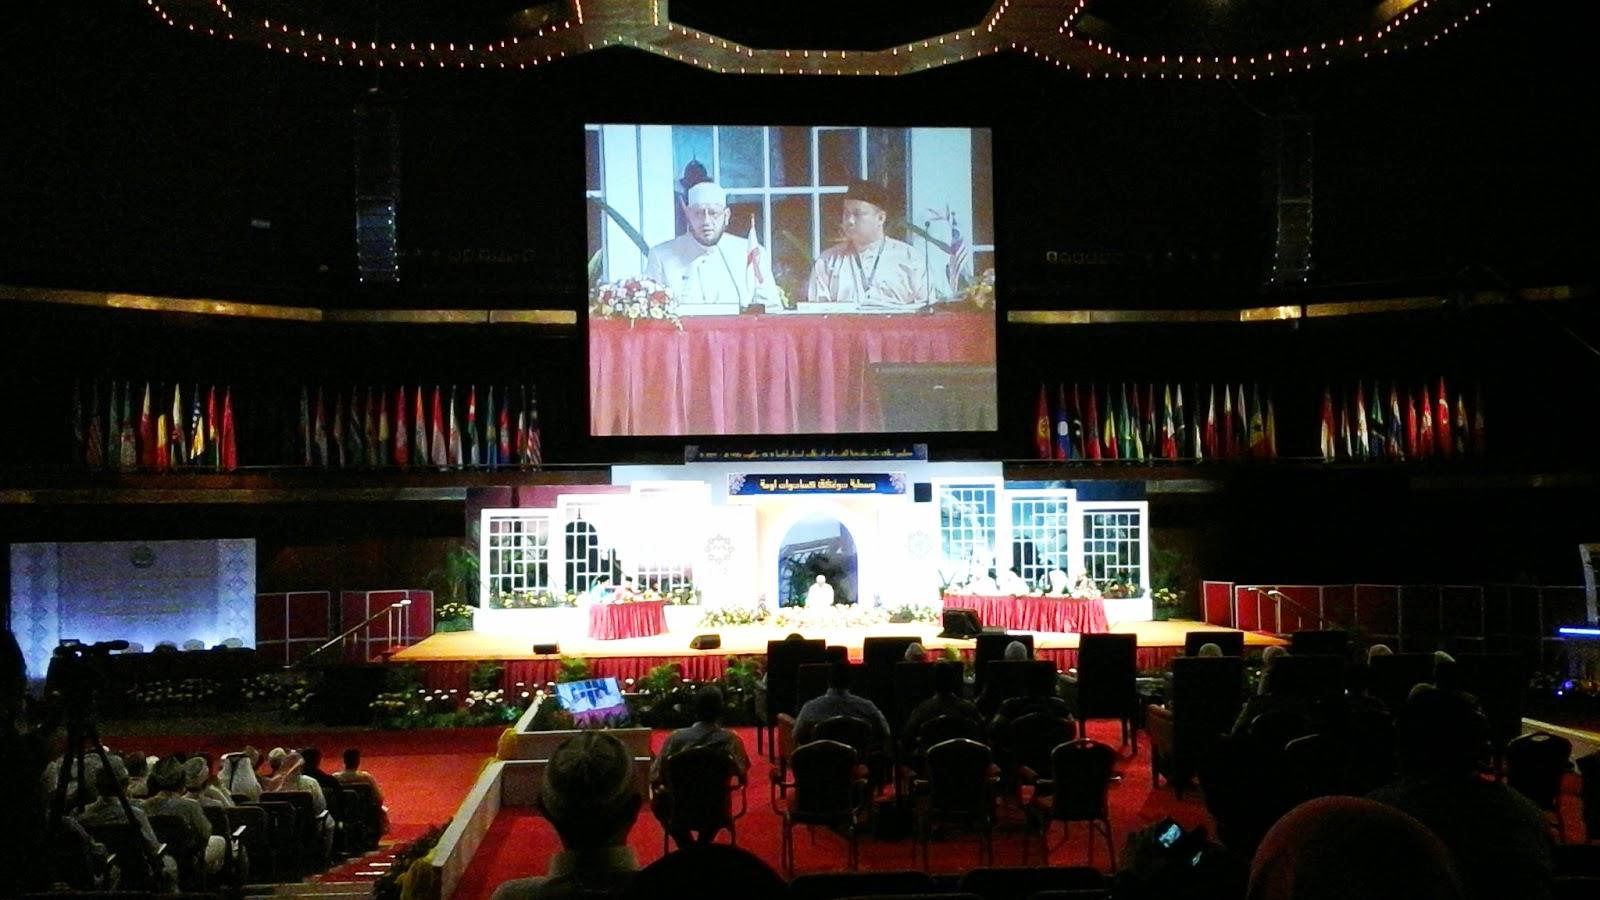 Intervensi Lawatan Parol WPKL Ke Majlis Tilawah Dan Menghafaz Al-Quran Peringkat Antarabangsa Ke-56 (1345H / 2014M) di PWTC